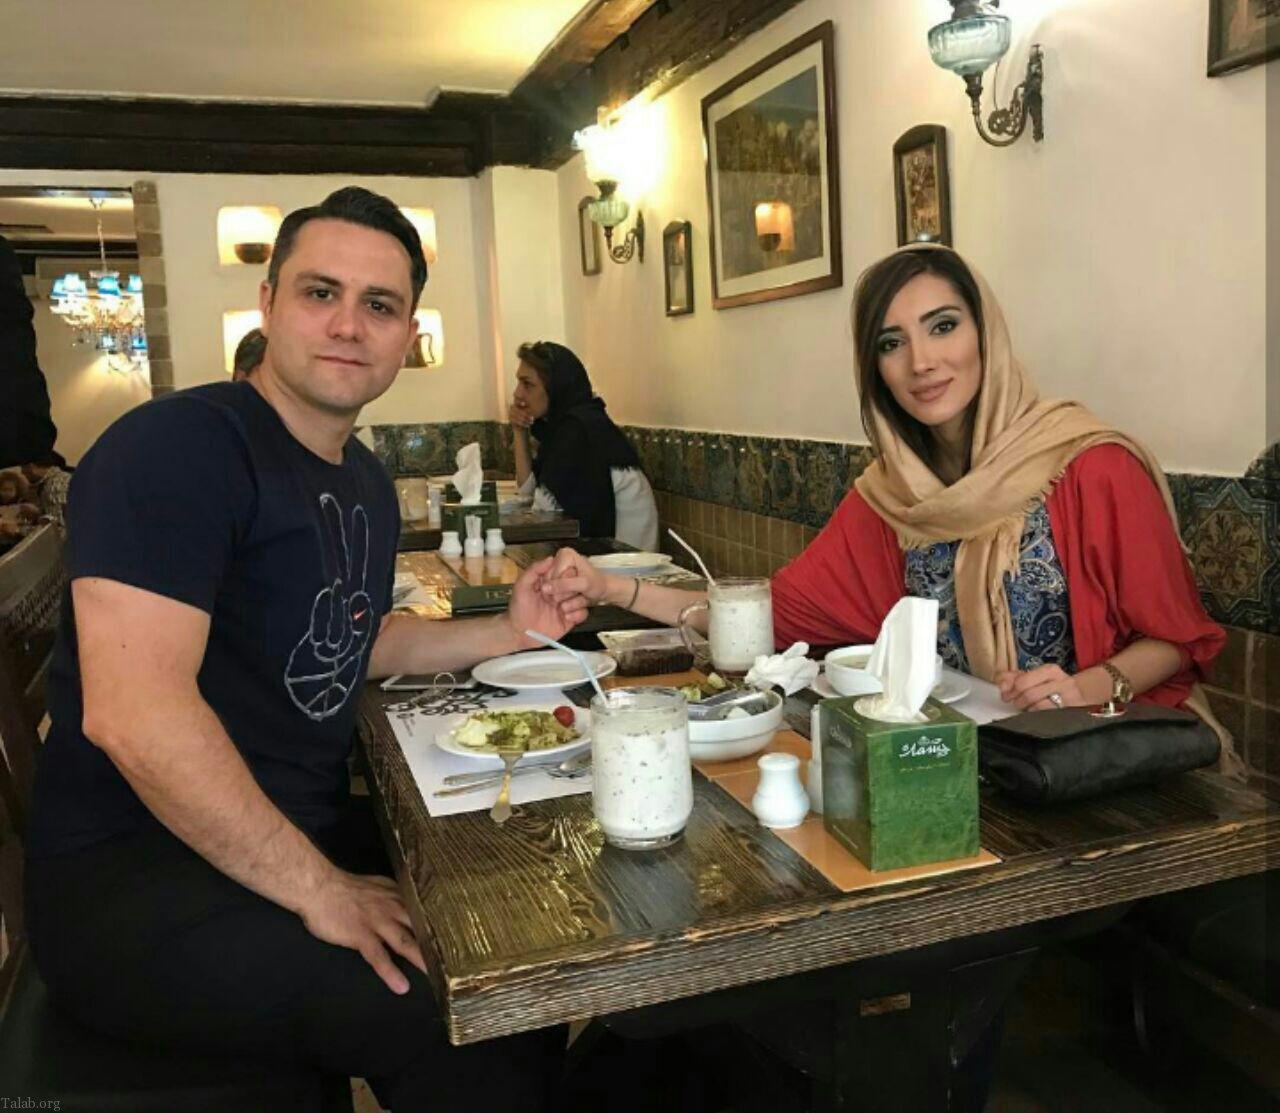 بیوگرافی صدف بیوتی و همسرش | مصاحبه جذاب با صدف بیوتی